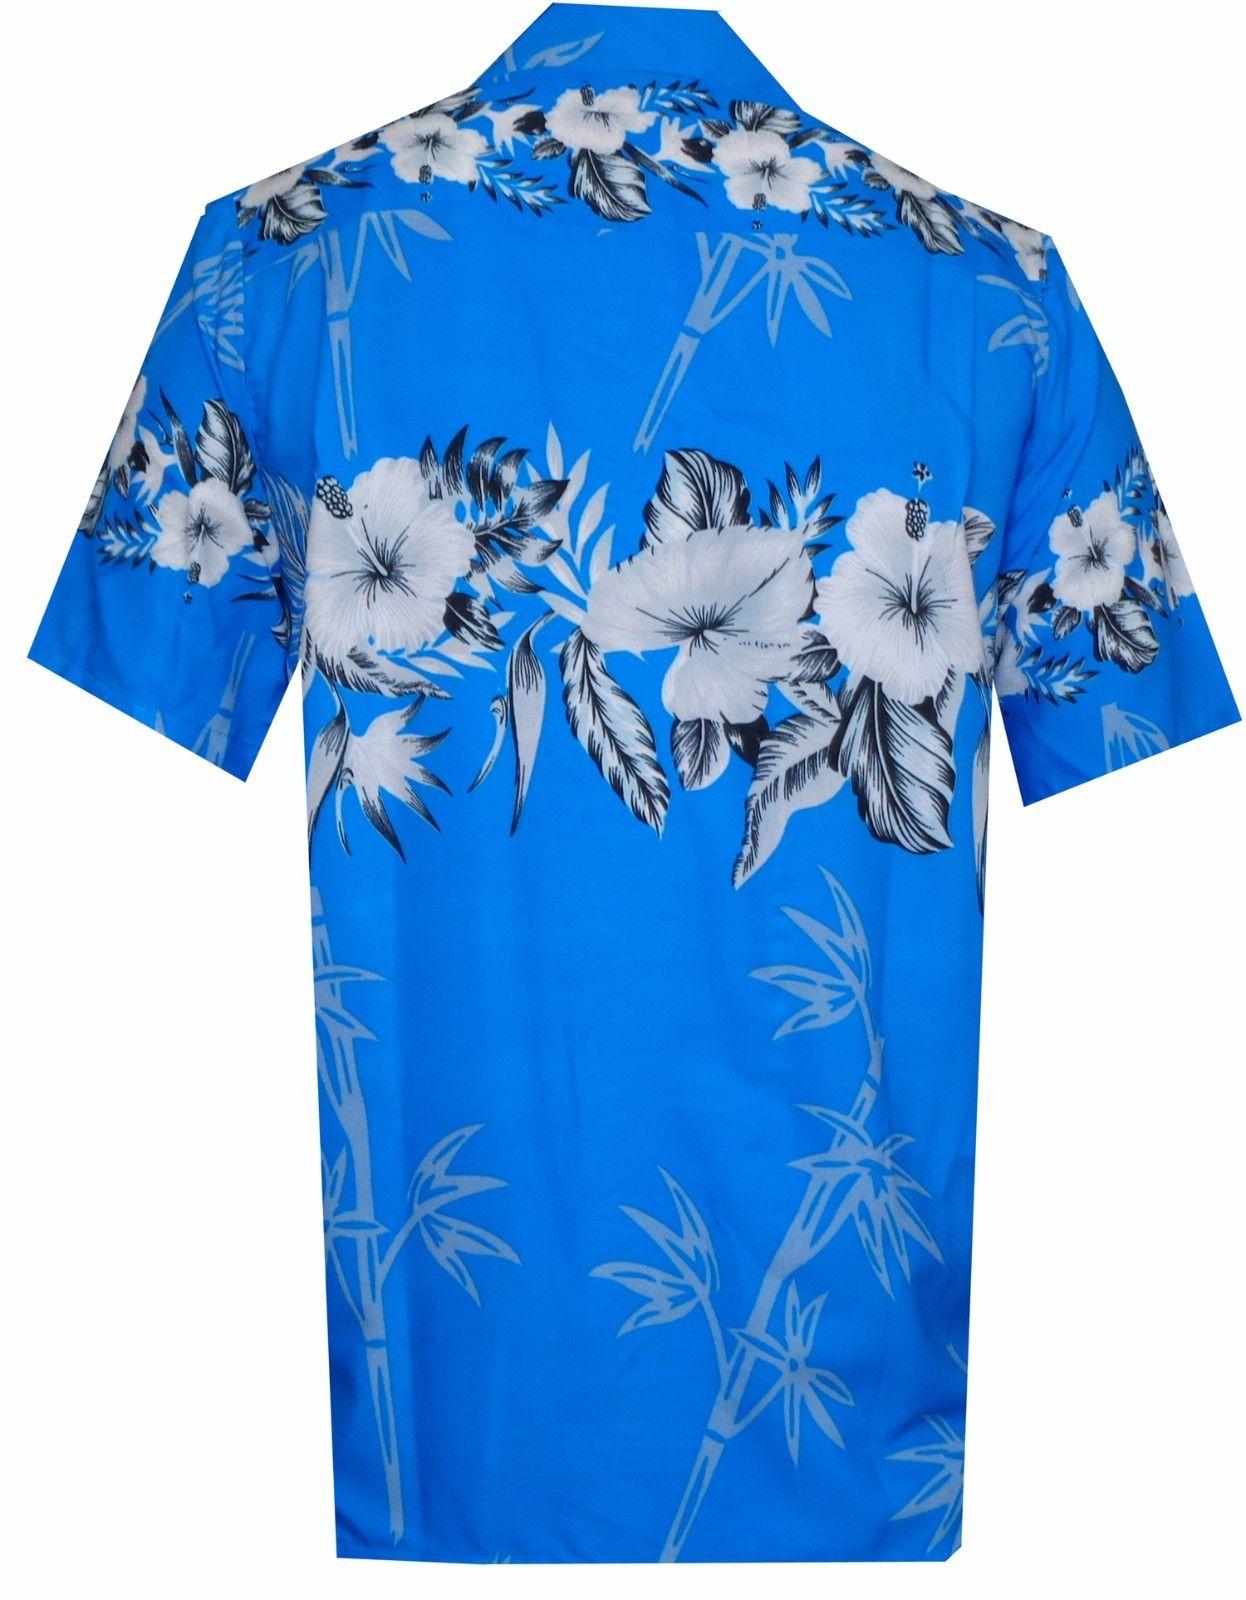 Hawaiian-Shirts-Mens-Bamboo-Tree-Print-Beach-Aloha-Party-Holiday thumbnail 7